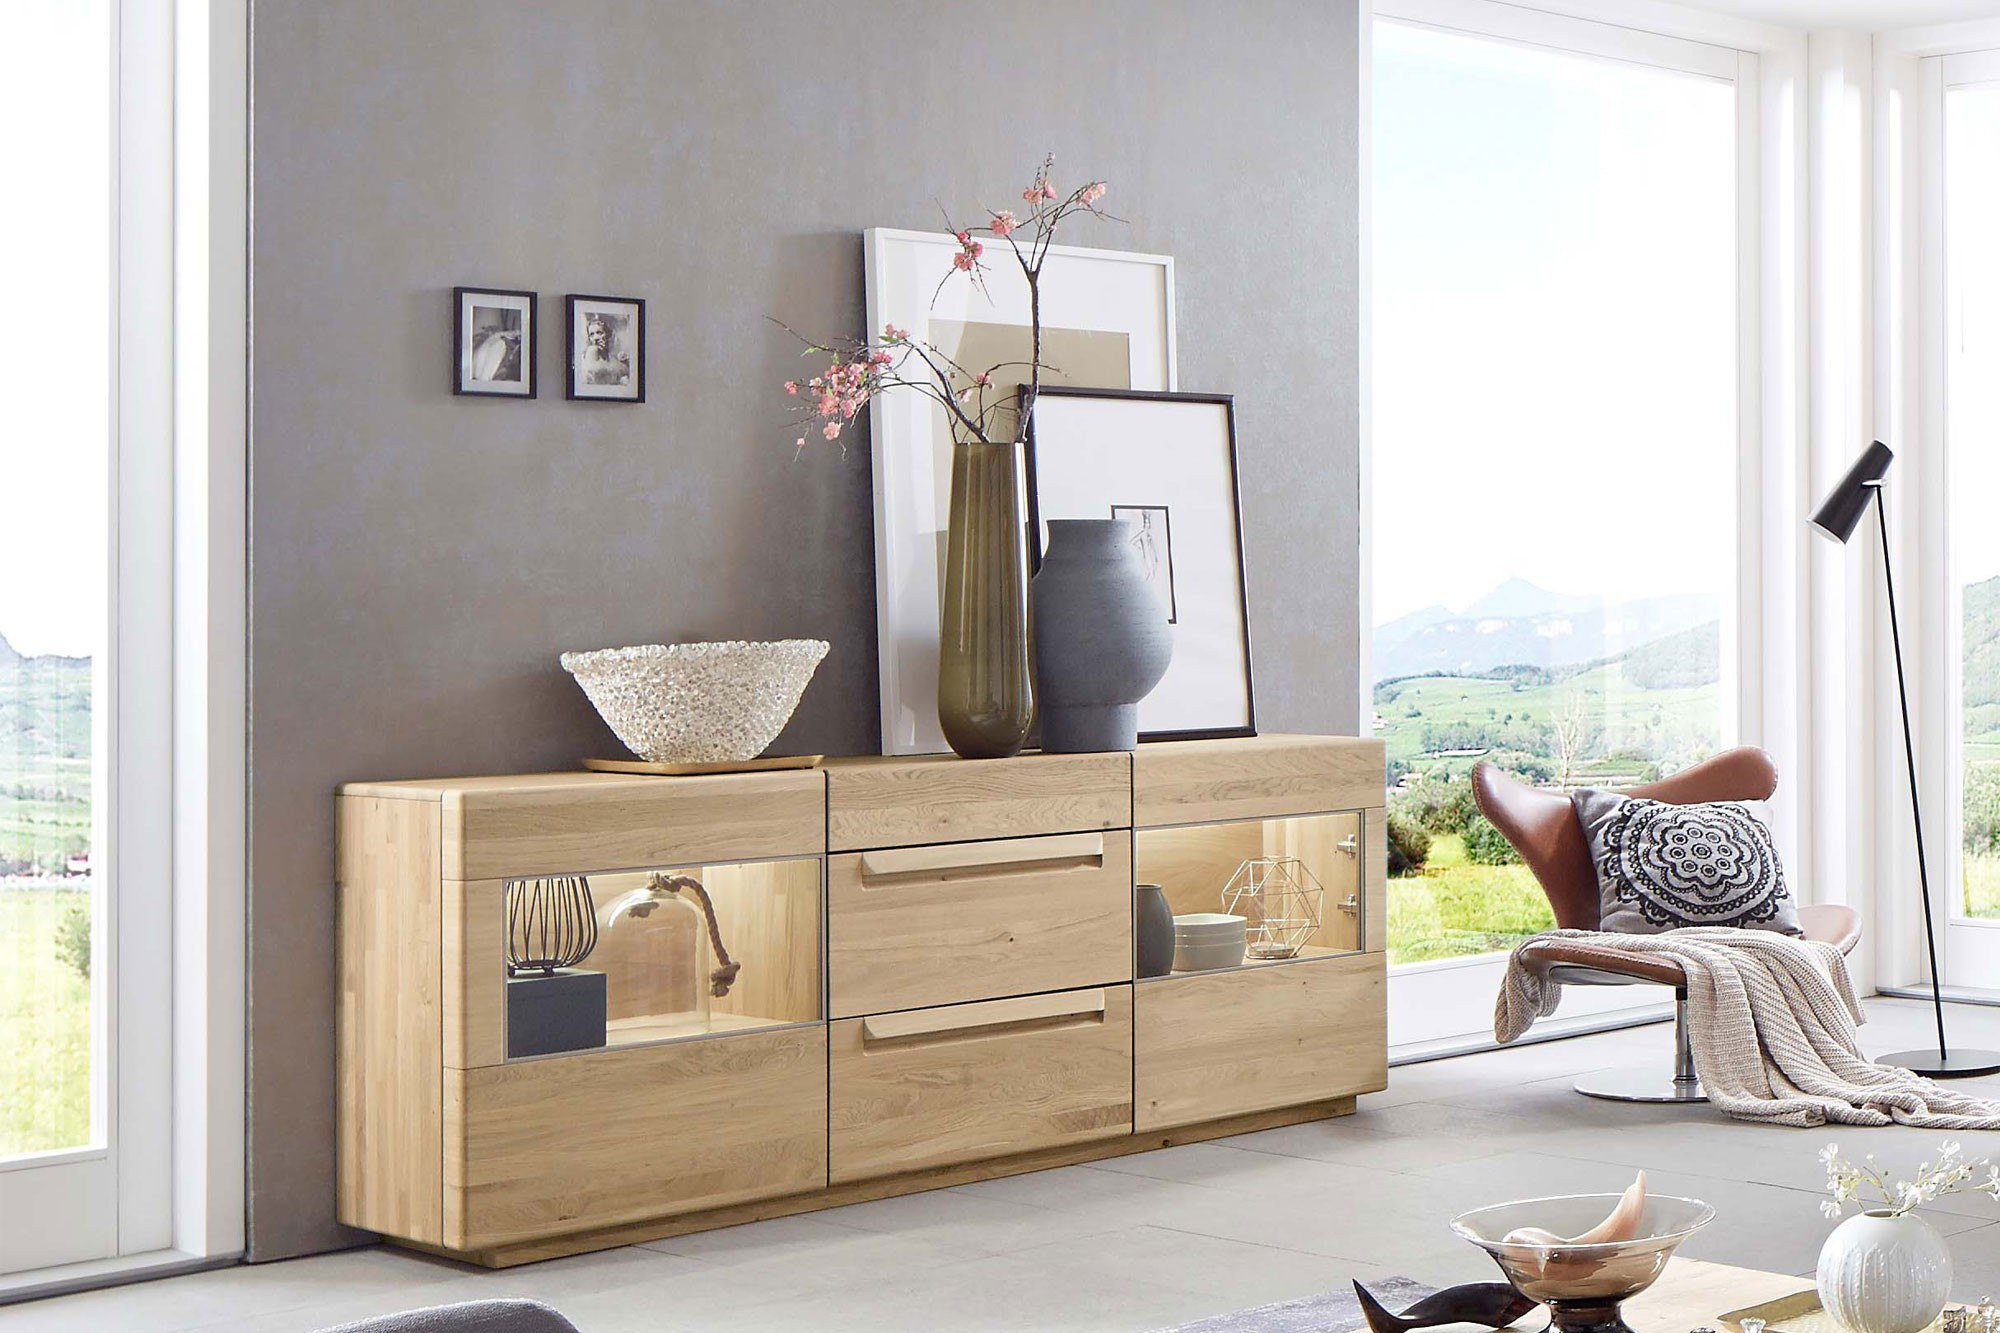 sideboard sapio wildeiche massiv von w stmann designm bel. Black Bedroom Furniture Sets. Home Design Ideas